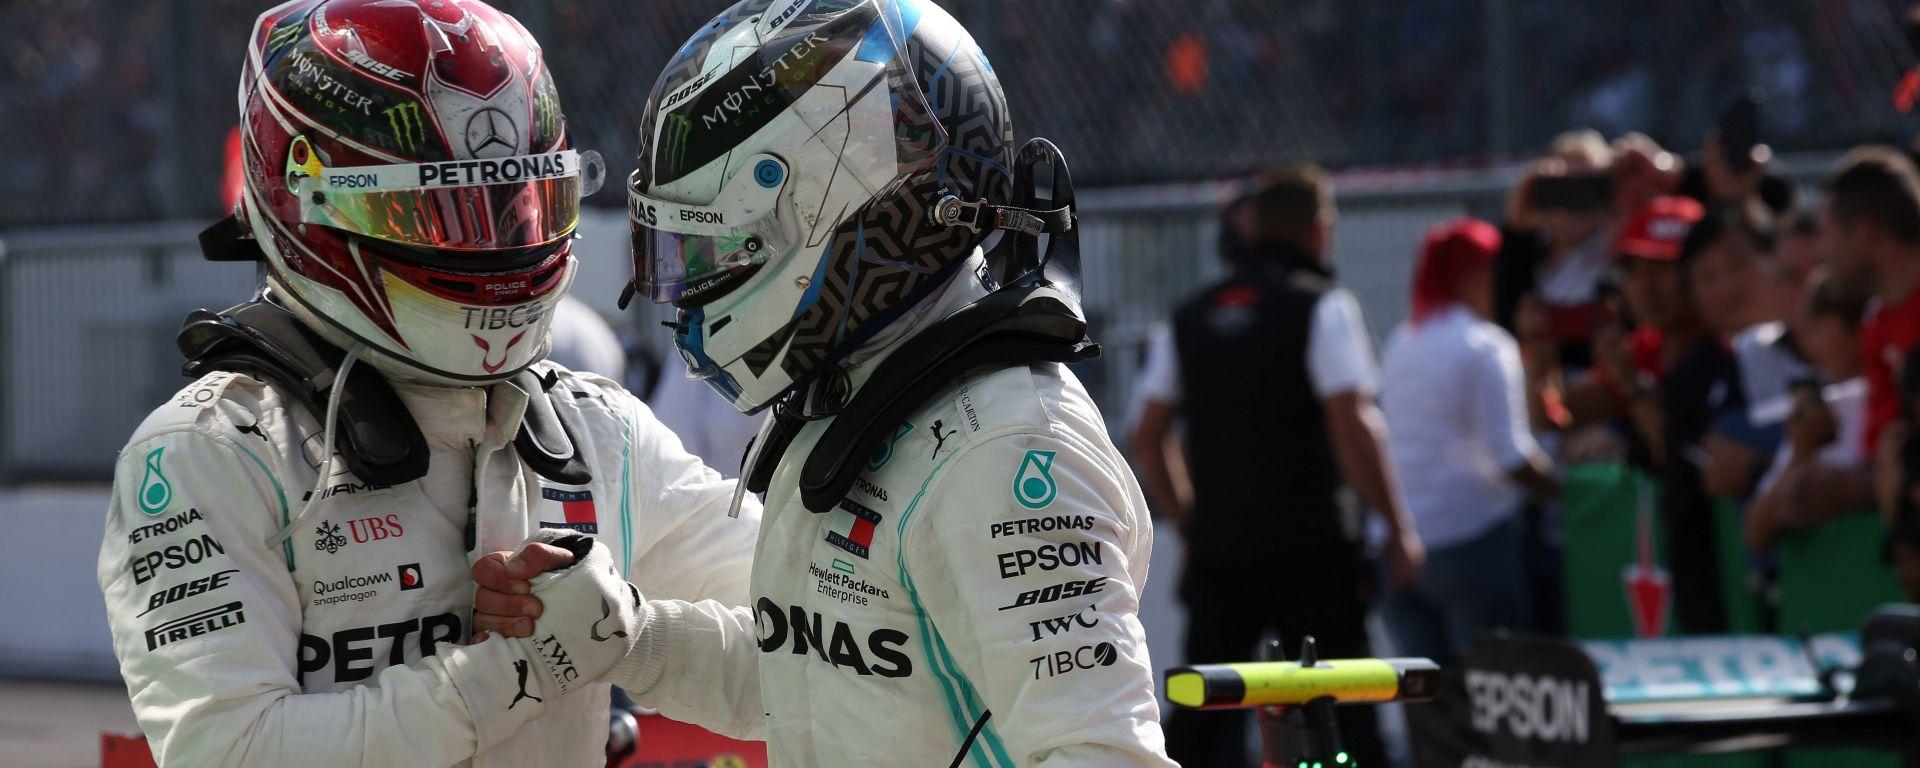 F1 GP Italia 2019, Monza: Lewis Hamilton & Valtteri Bottas (Mercedes)